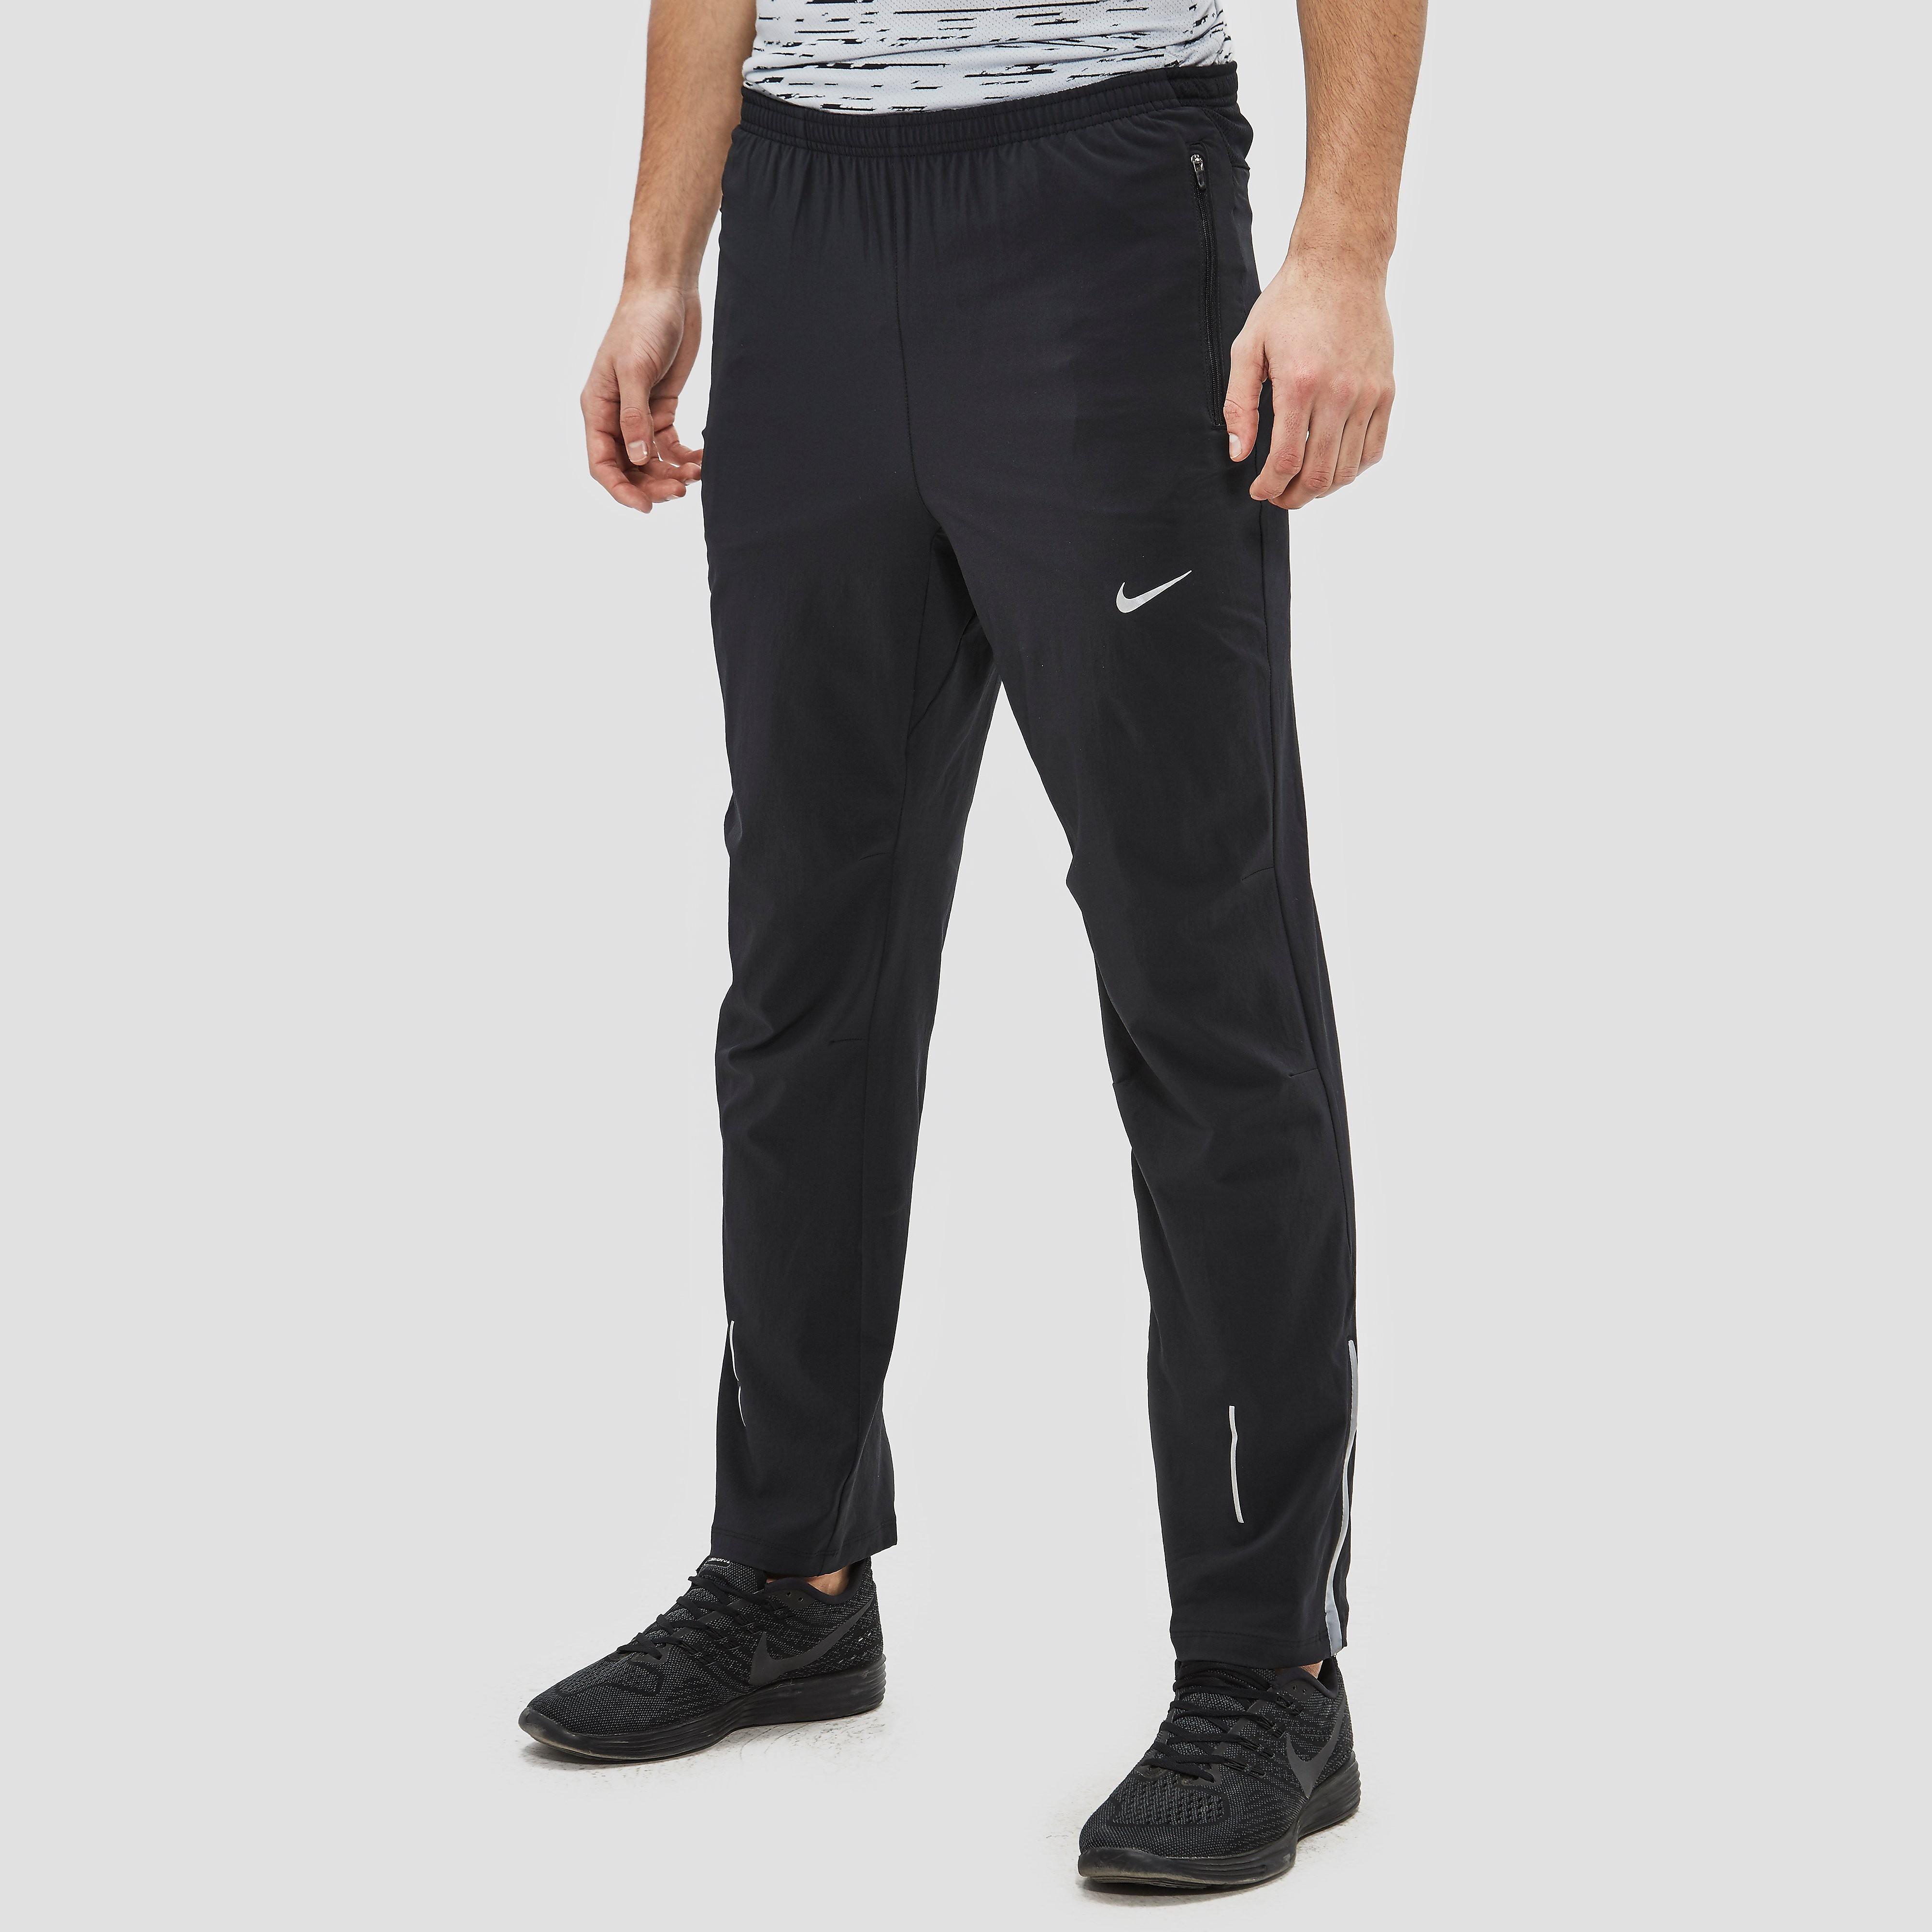 Nike FLEX HARDLOOPBROEK